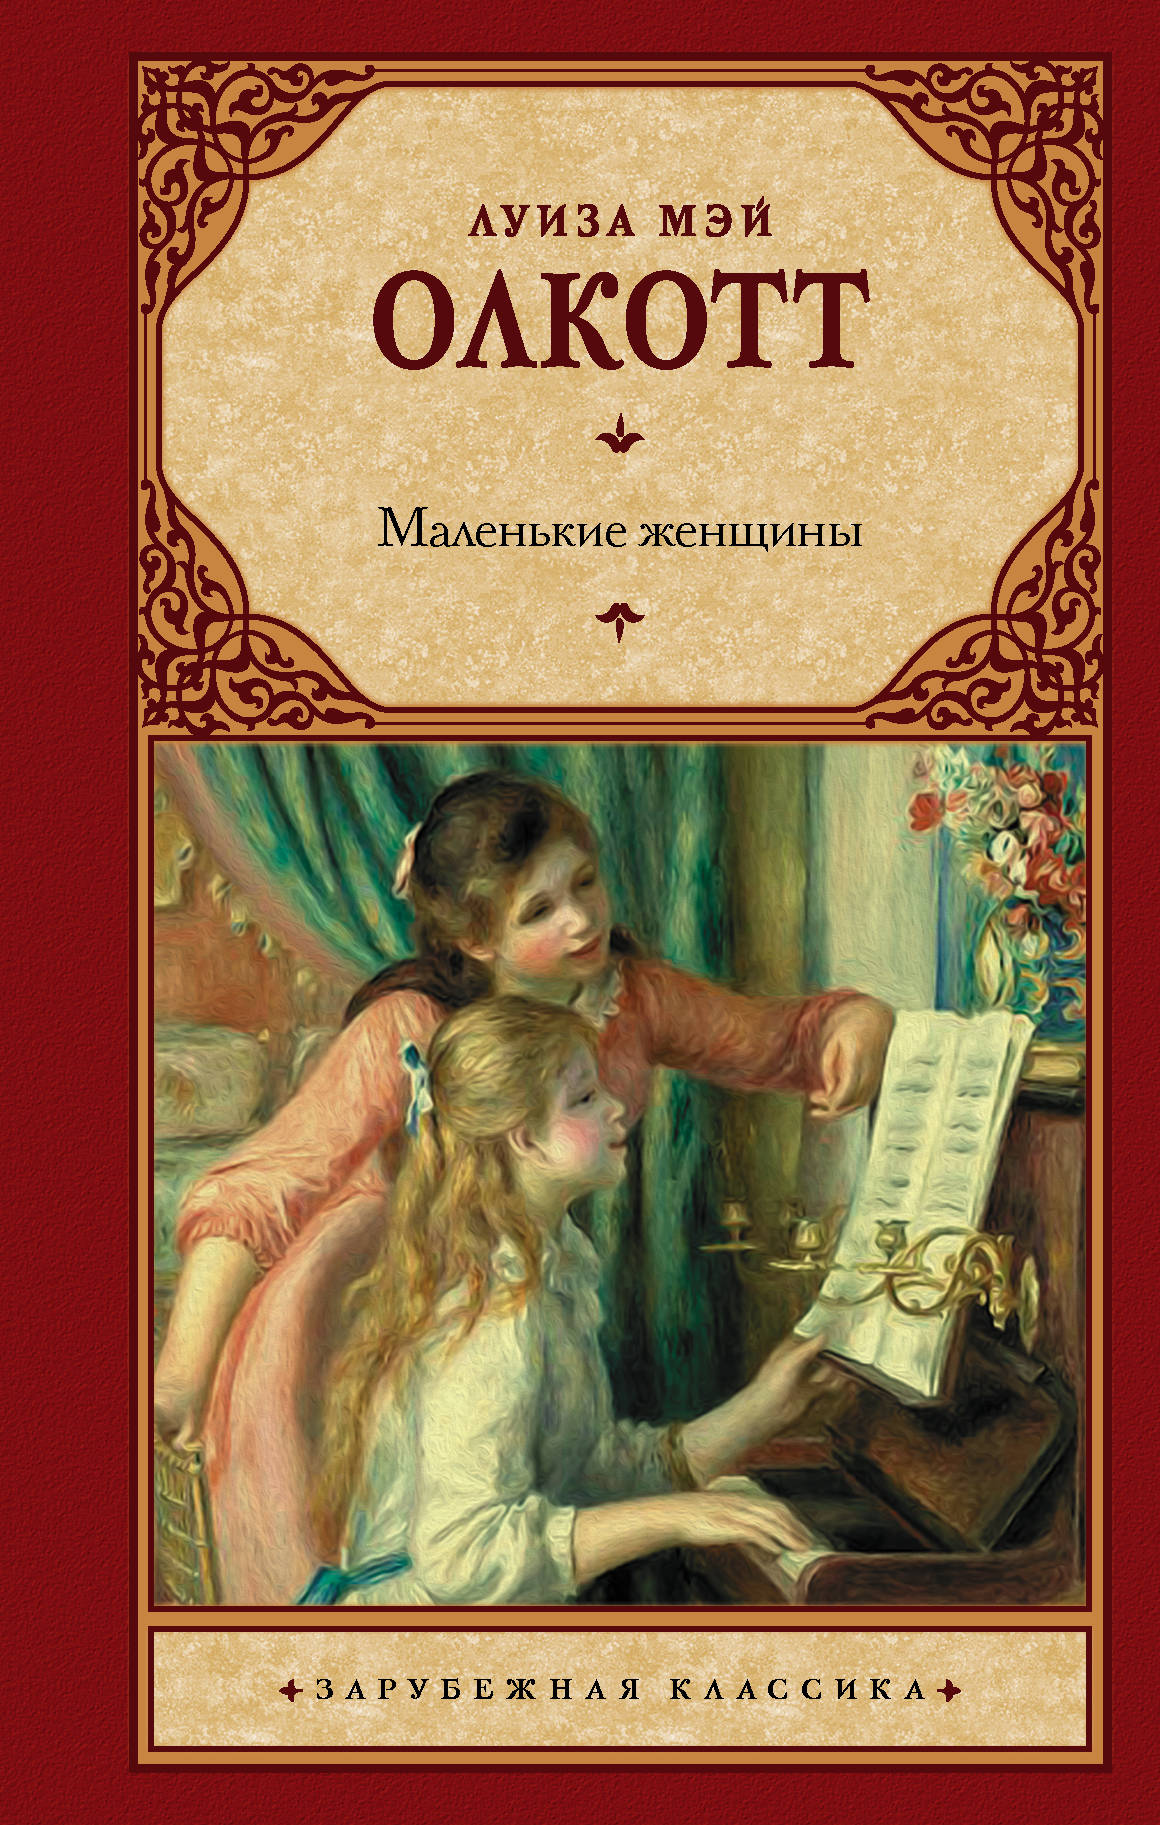 Вот видите, даже на книжке написано: классика))))